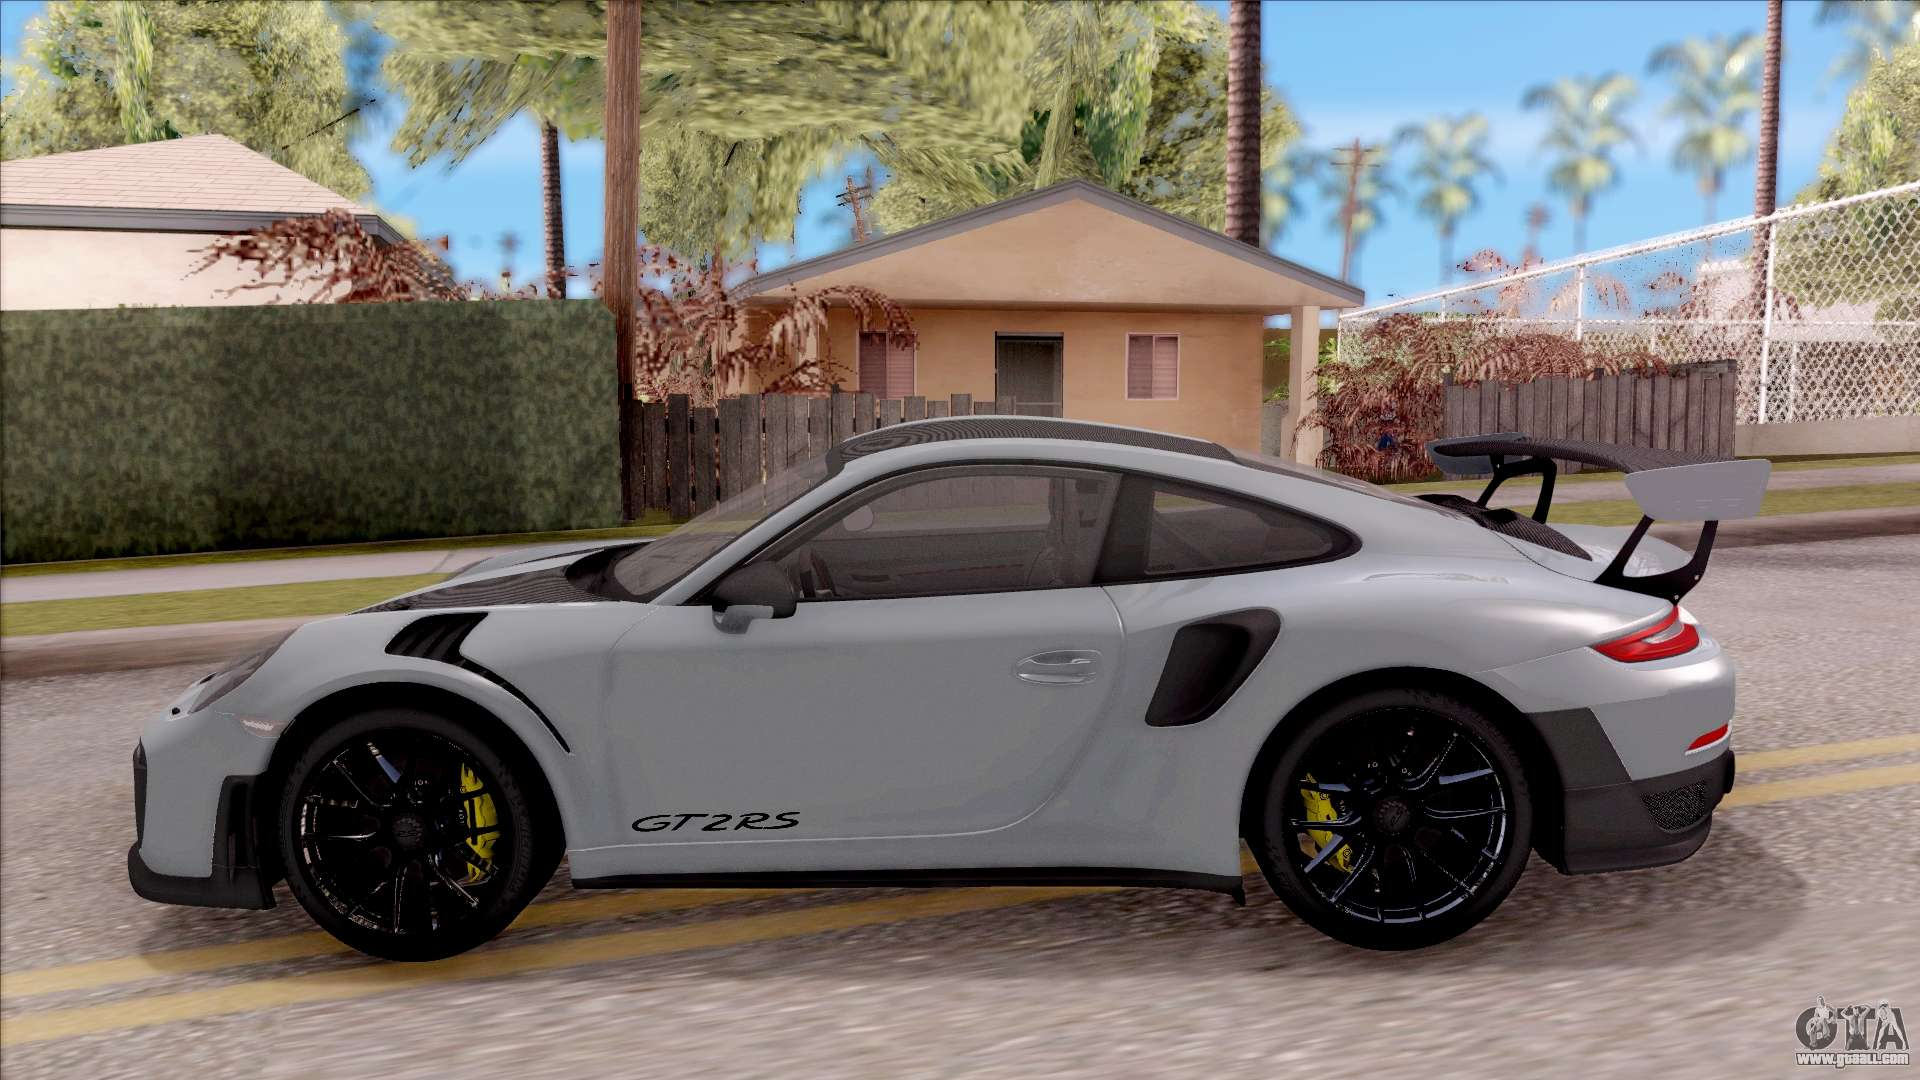 418324-enb2017-7-10-5-14-52 Remarkable Porsche 911 Gt2 Xbox 360 Cars Trend